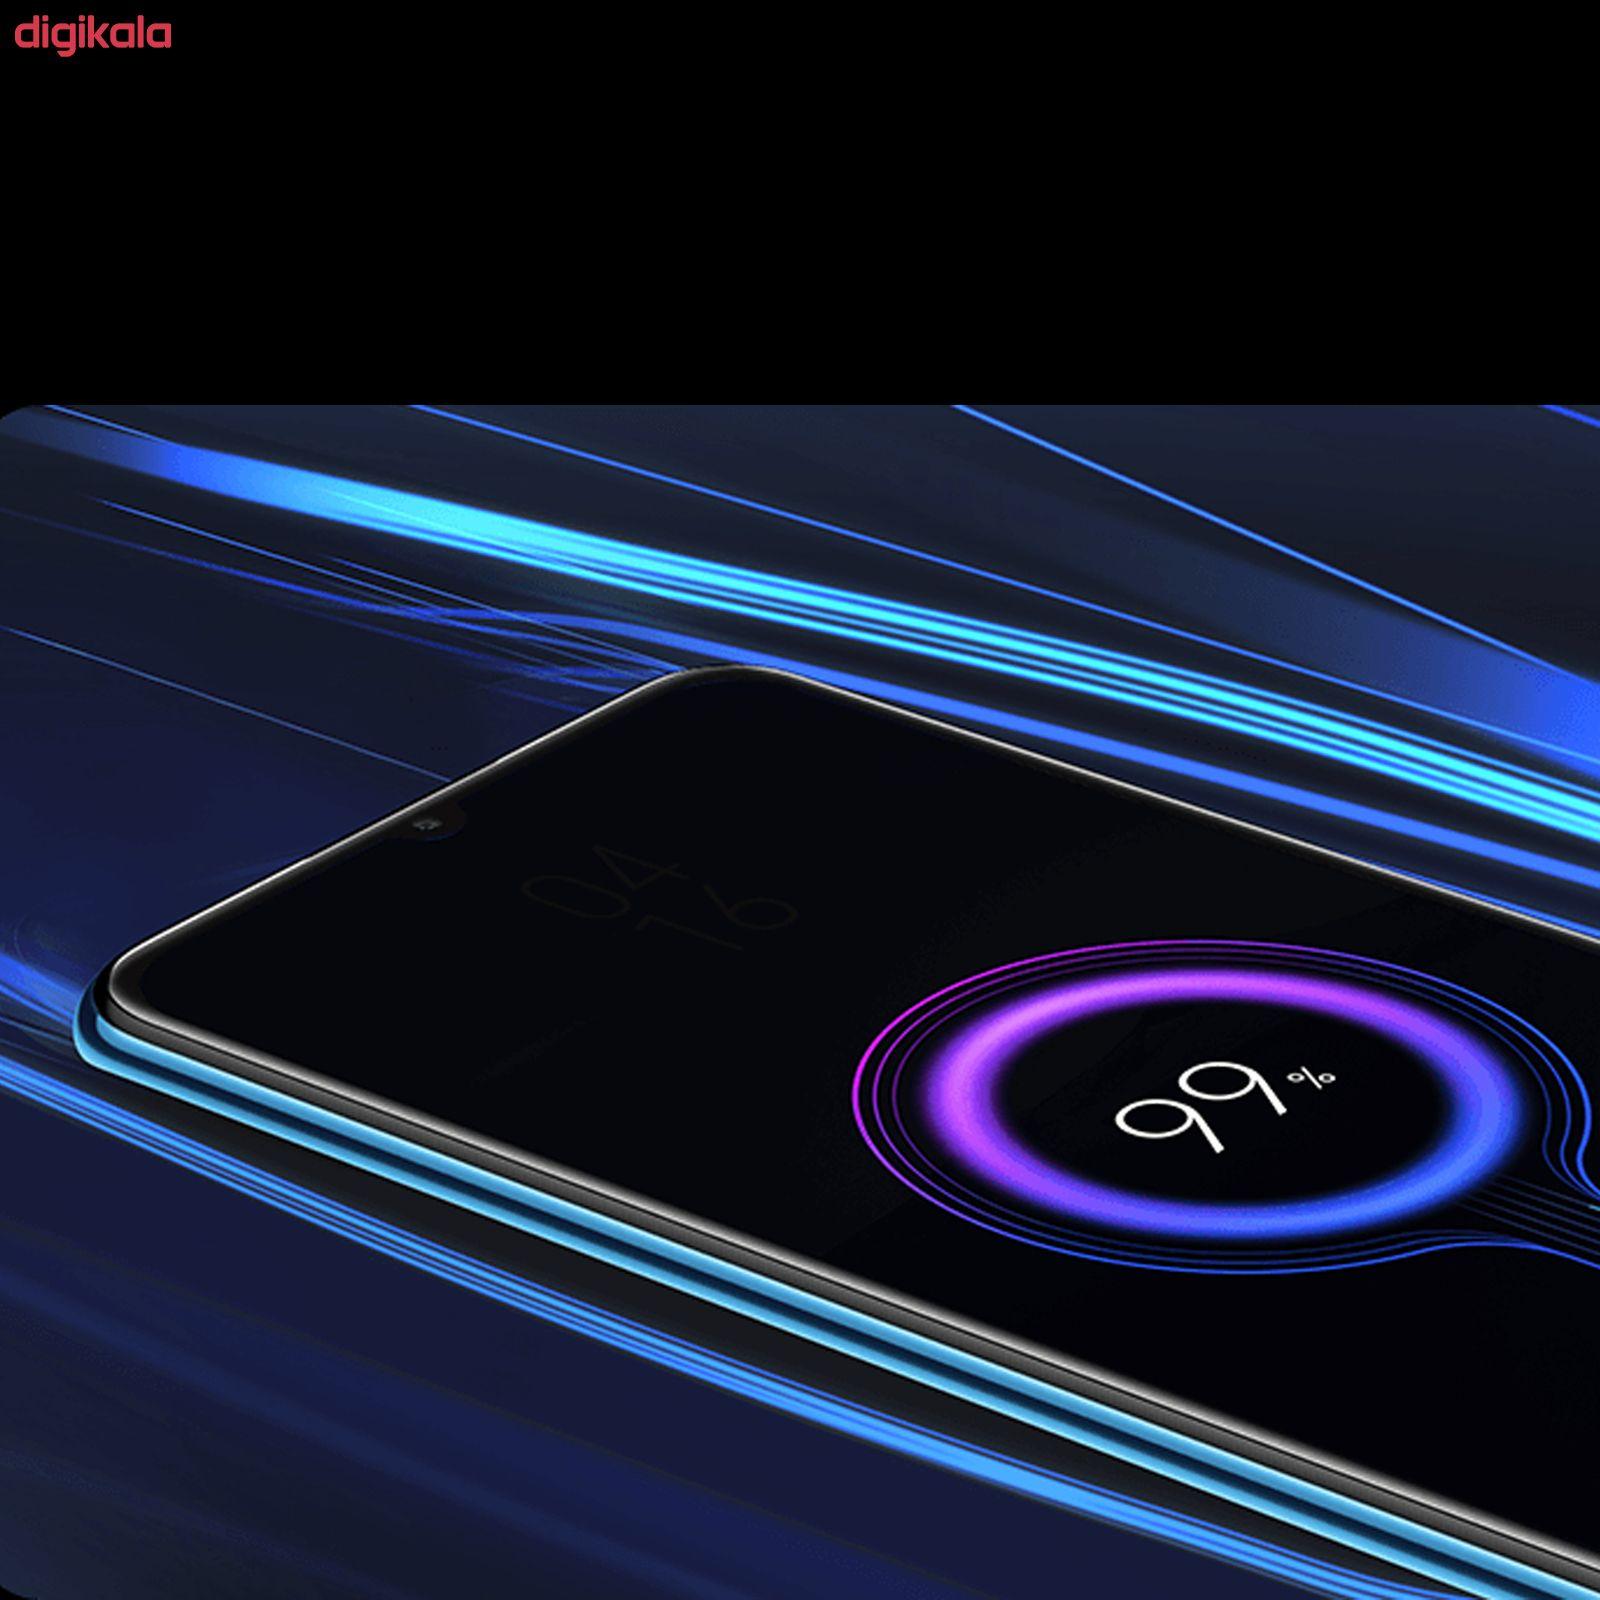 گوشی موبایل شیائومی مدل Mi 10 Lite 5G M2002J9G دو سیم کارت ظرفیت 128 گیگابایت  main 1 6